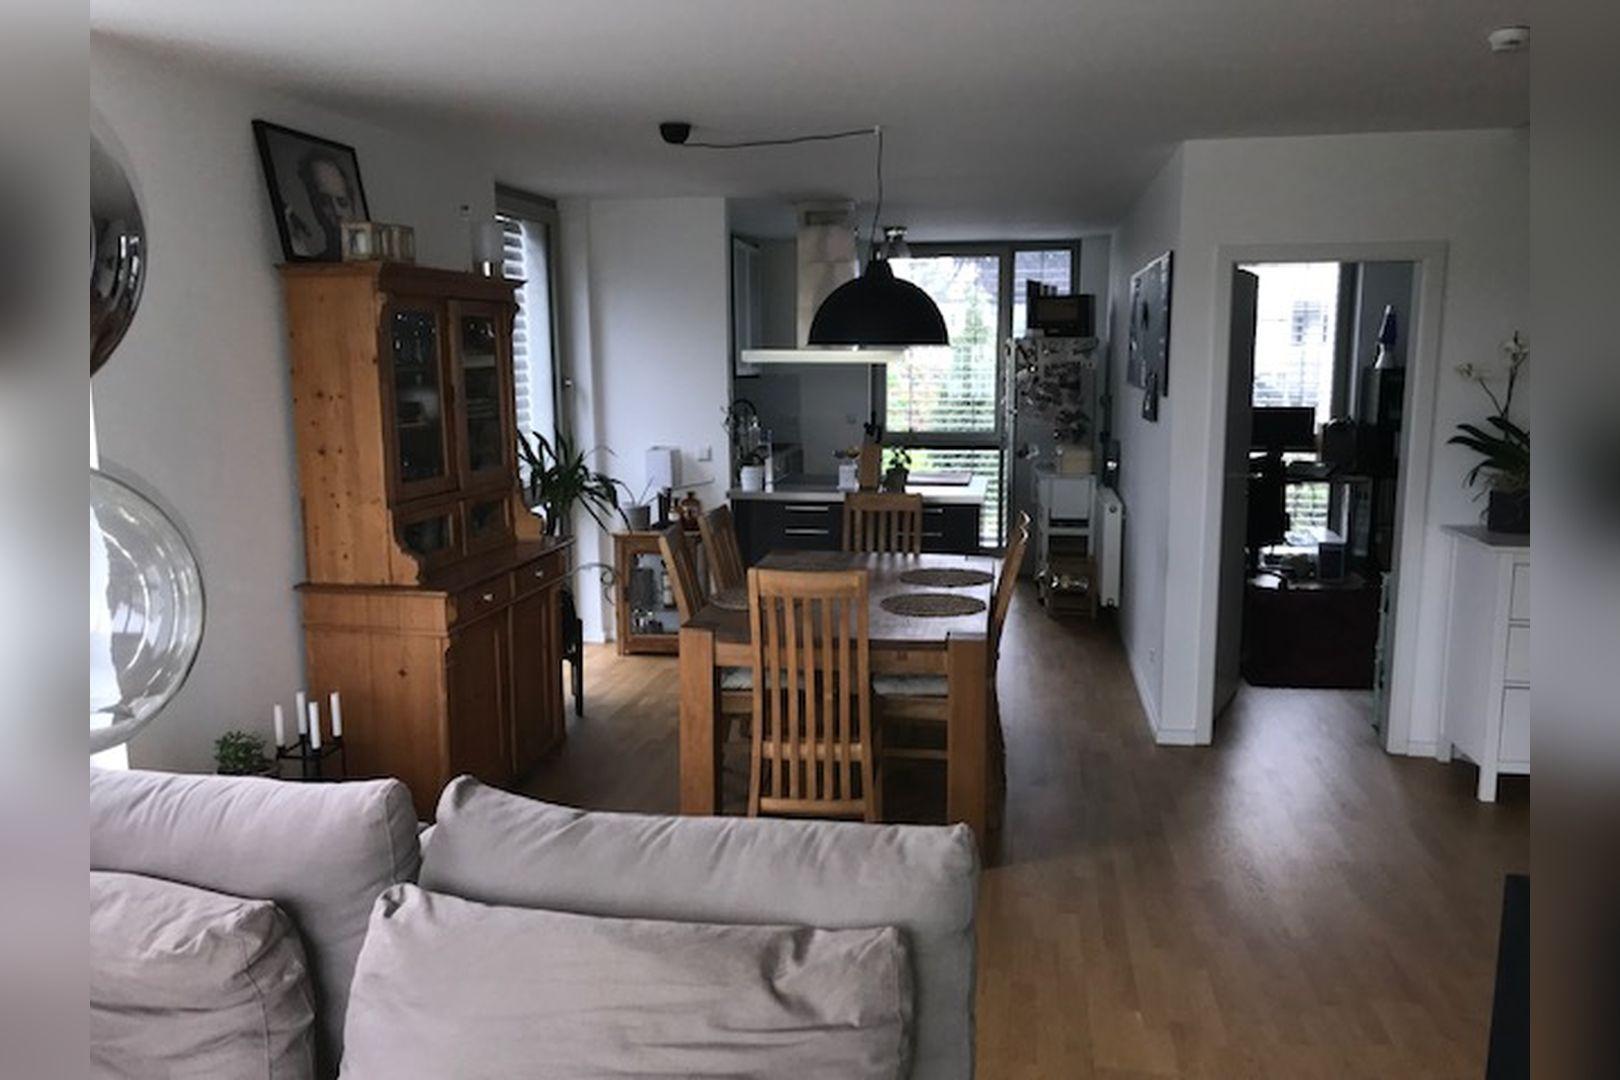 Immobilie Nr.0262 - 4-Zimmer-Maisonette auf Erbpachtliegenschaft, vermietet - Bild 5.jpg